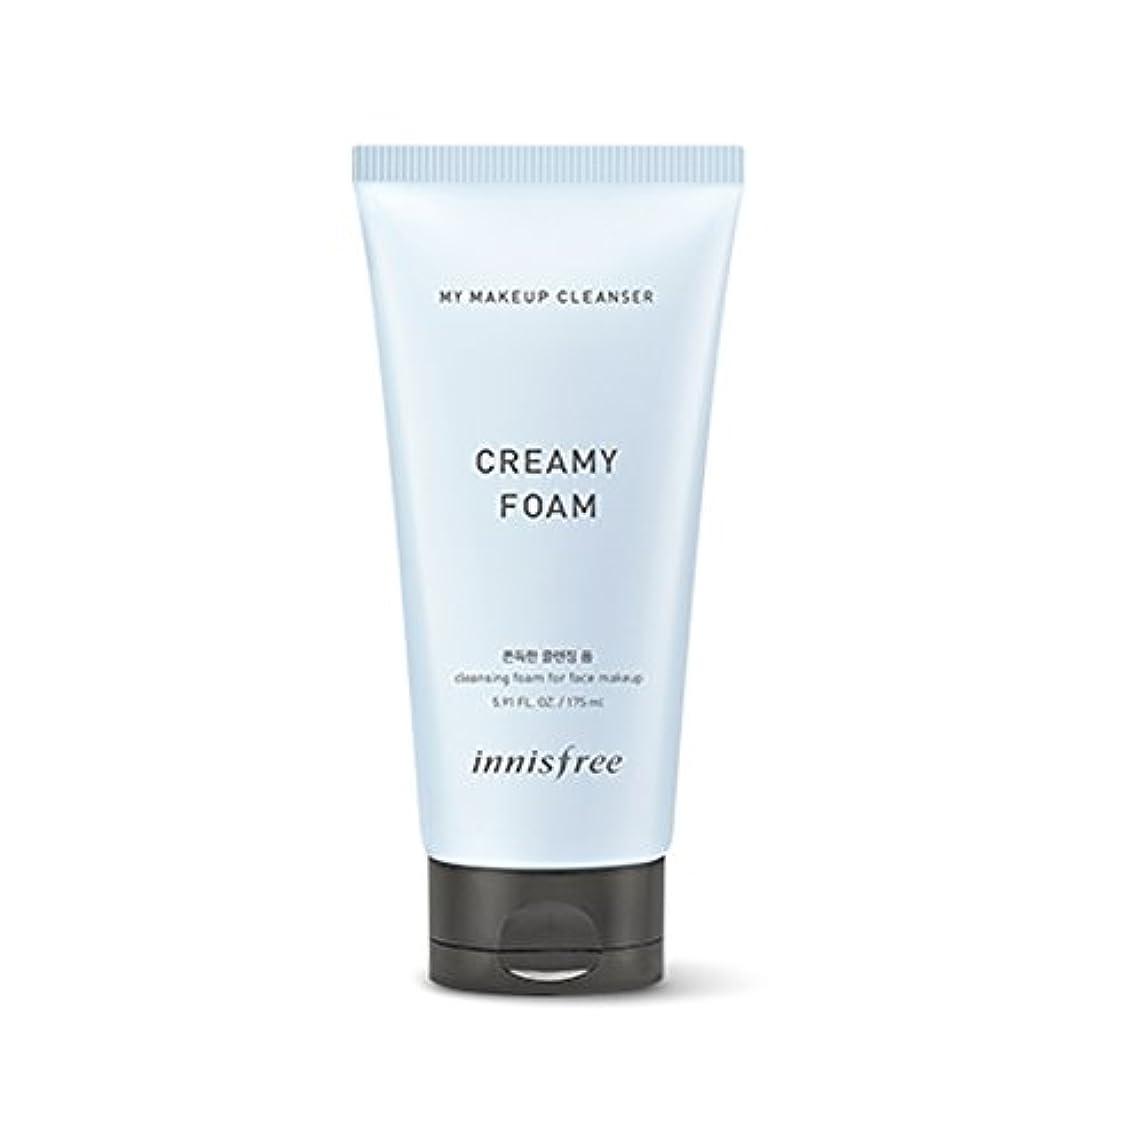 スポーツ植物学者特権イニスフリーマイメイクアップクレンザー - クリームフォーム175ml Innisfree My Makeup Cleanser - Creamy Form 175ml [海外直送品][並行輸入品]